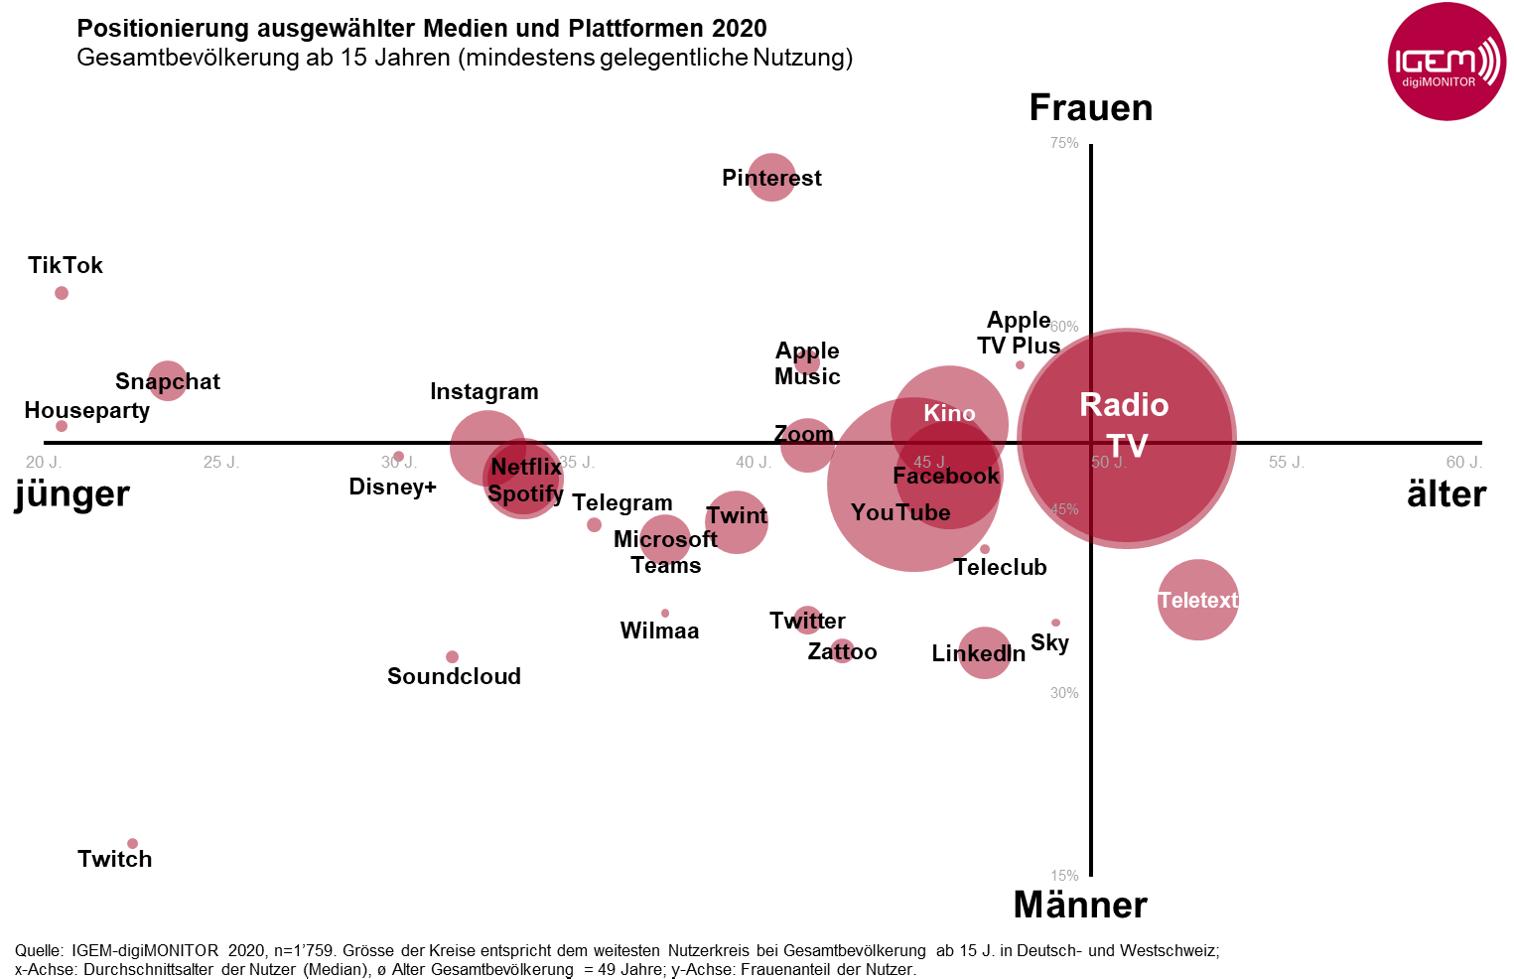 Grafik3_Positionierung_Medien_Plattformen_2020_Alter_Geschlecht-1